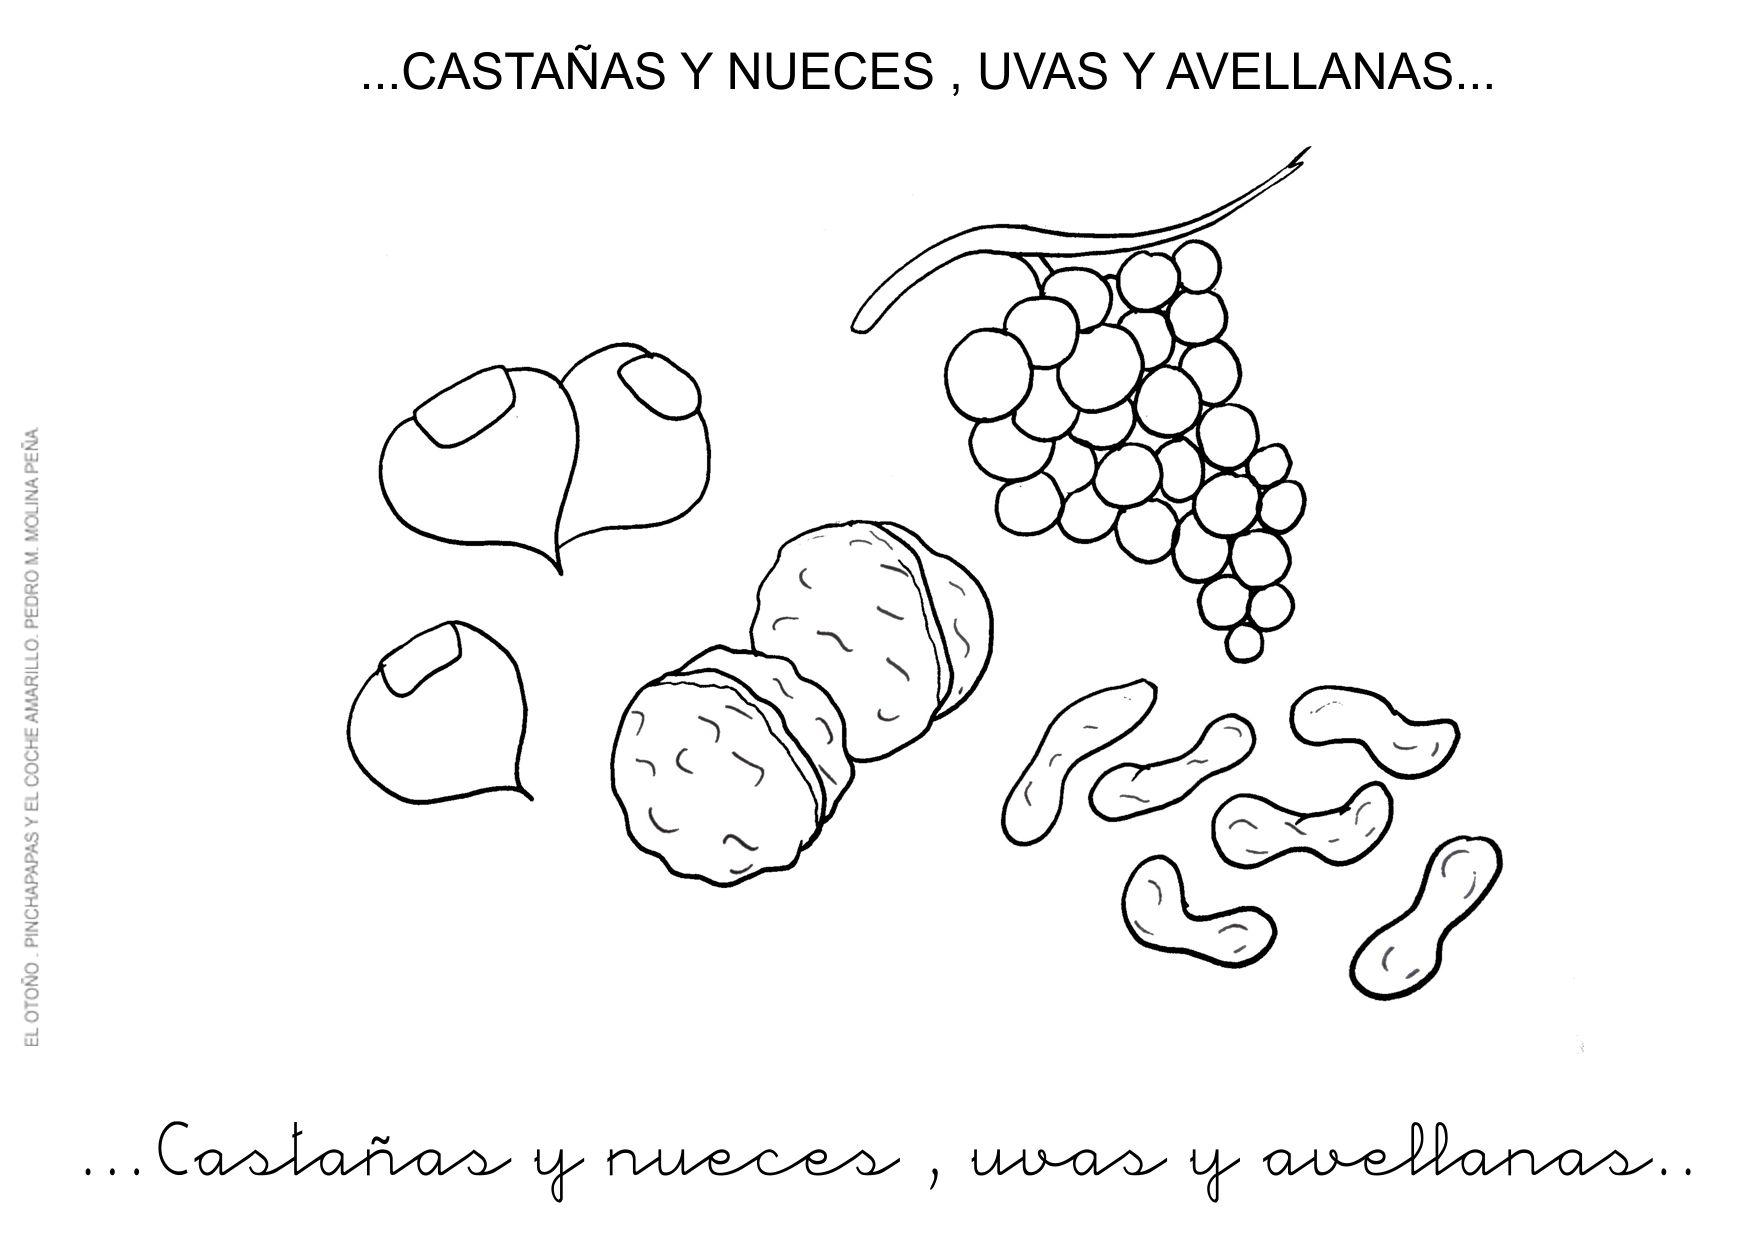 Dibujos De Castanas Para Colorear E Imprimir: 9.CASTAÑAS Y NUECES......